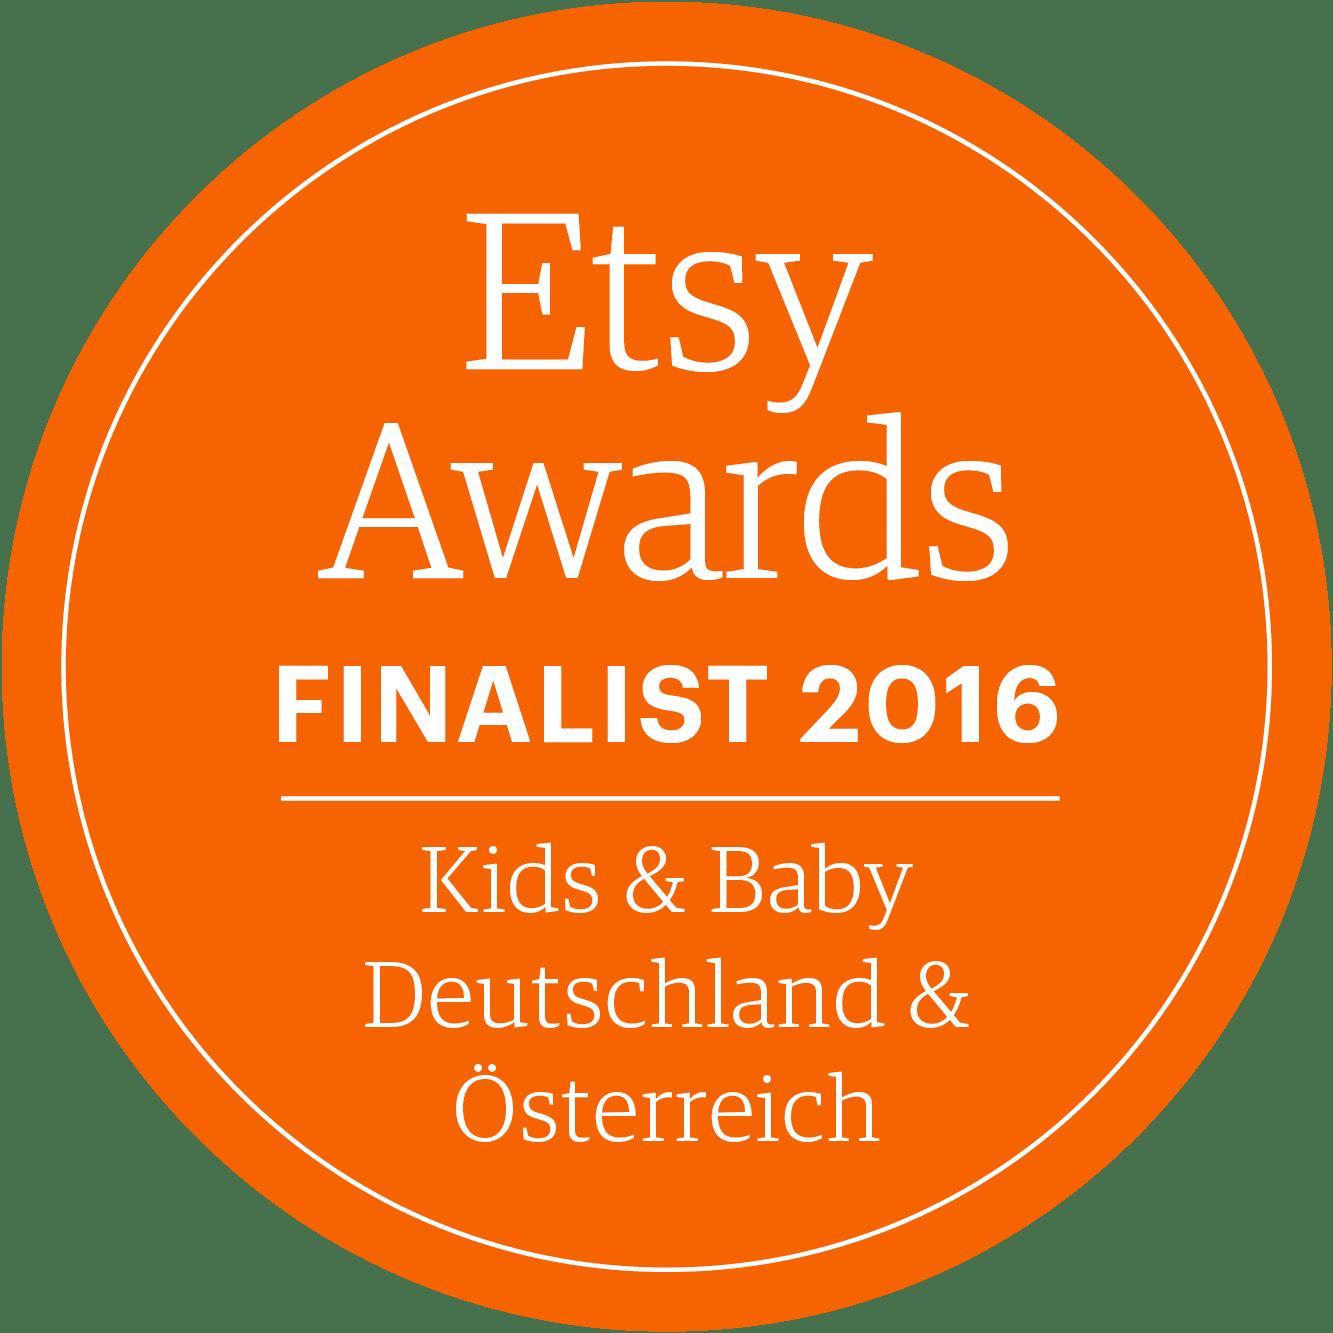 ilma pallo ist unter den Finalisten der Etsy Awards